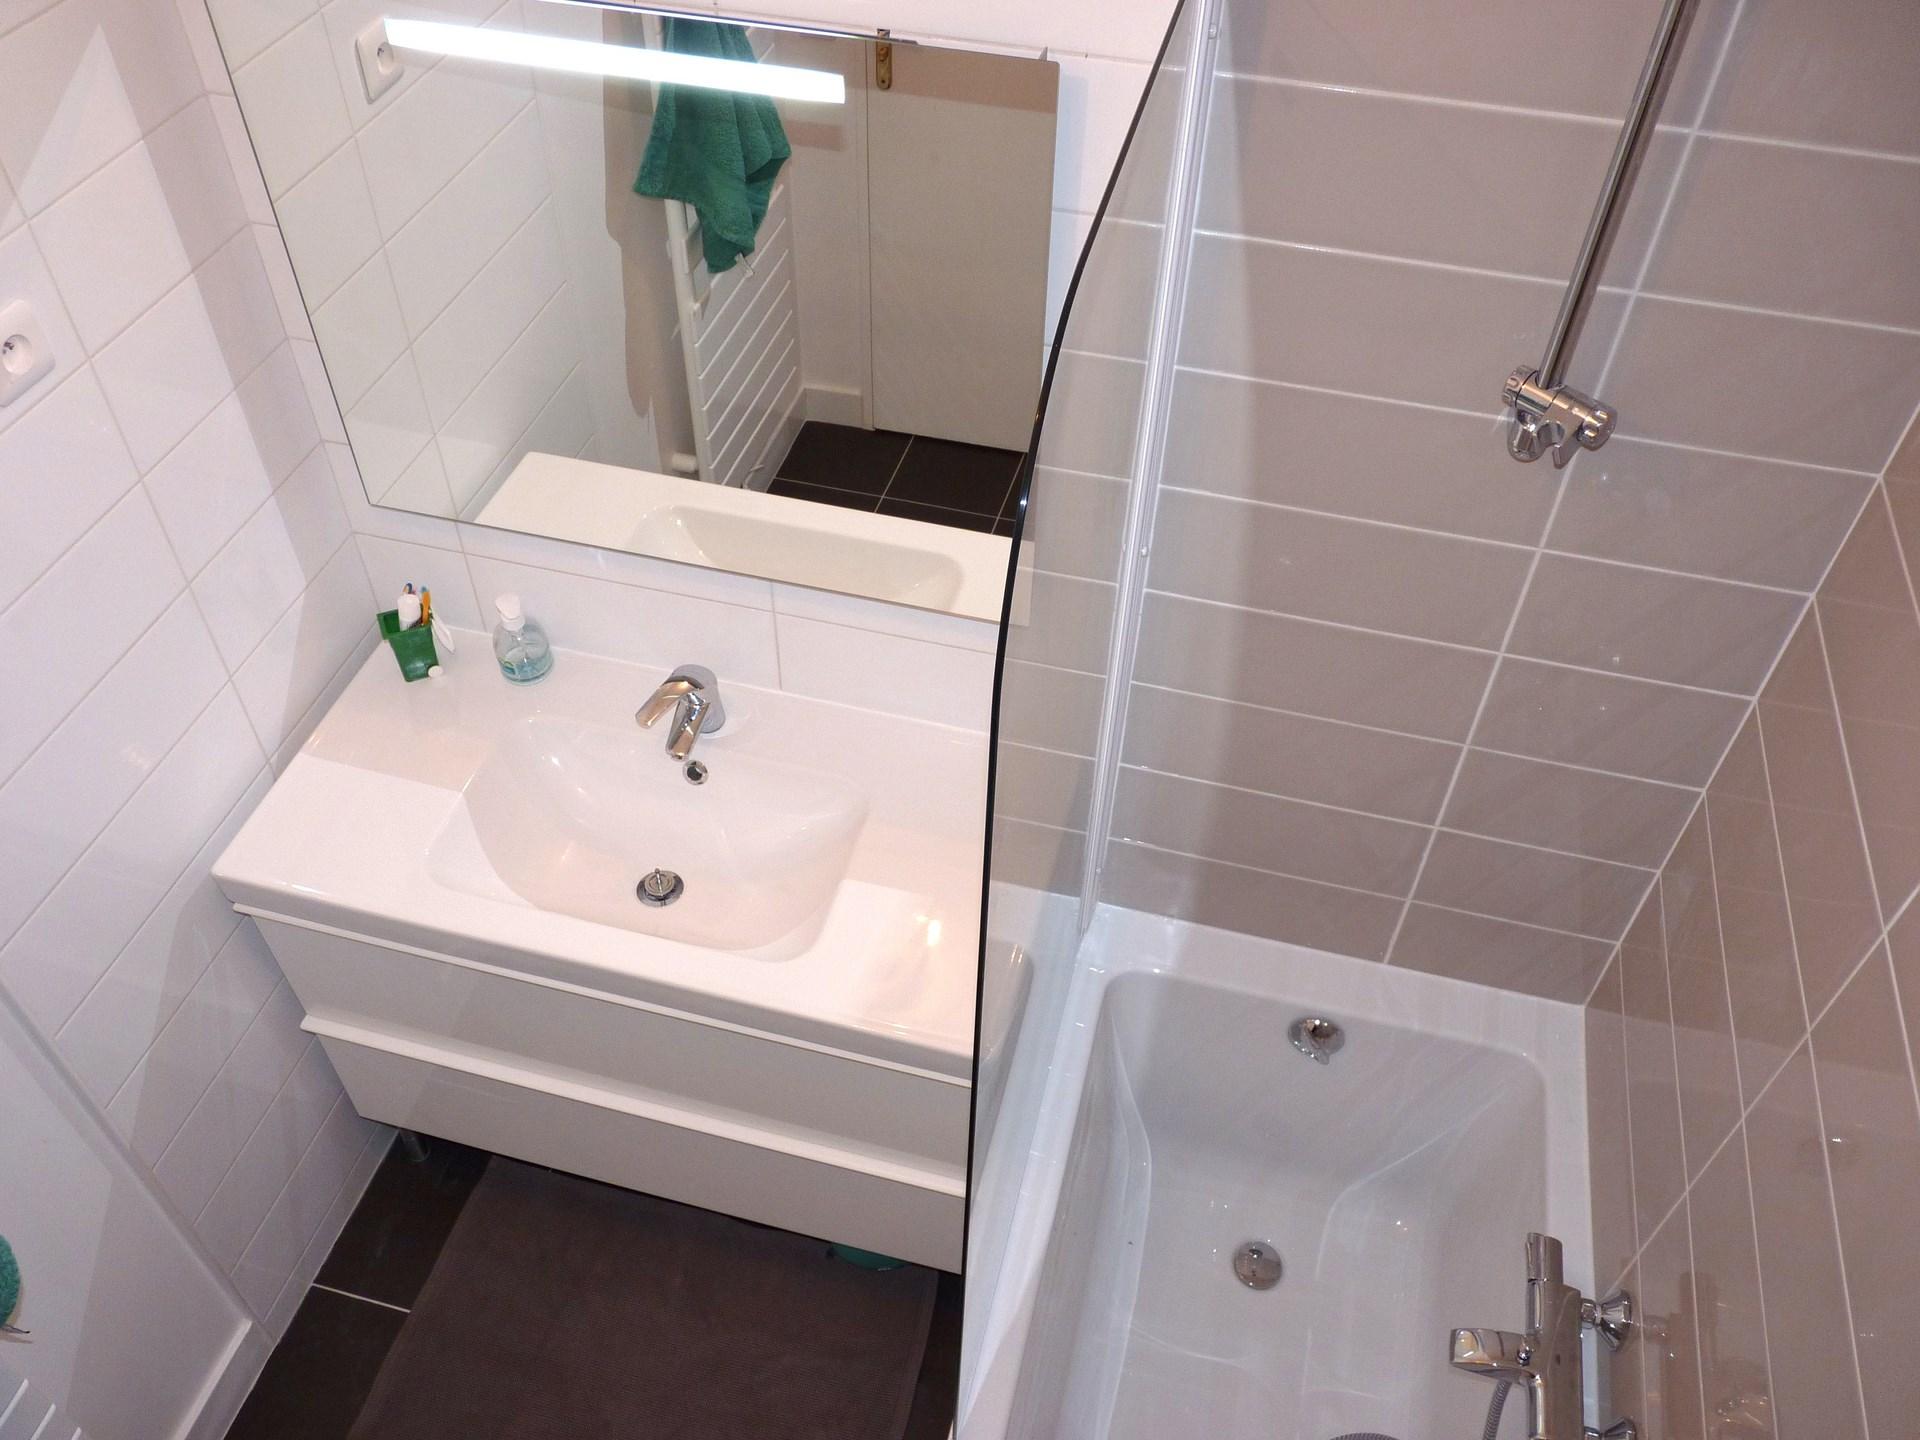 salle de bain optimise baignoire douche agence avous